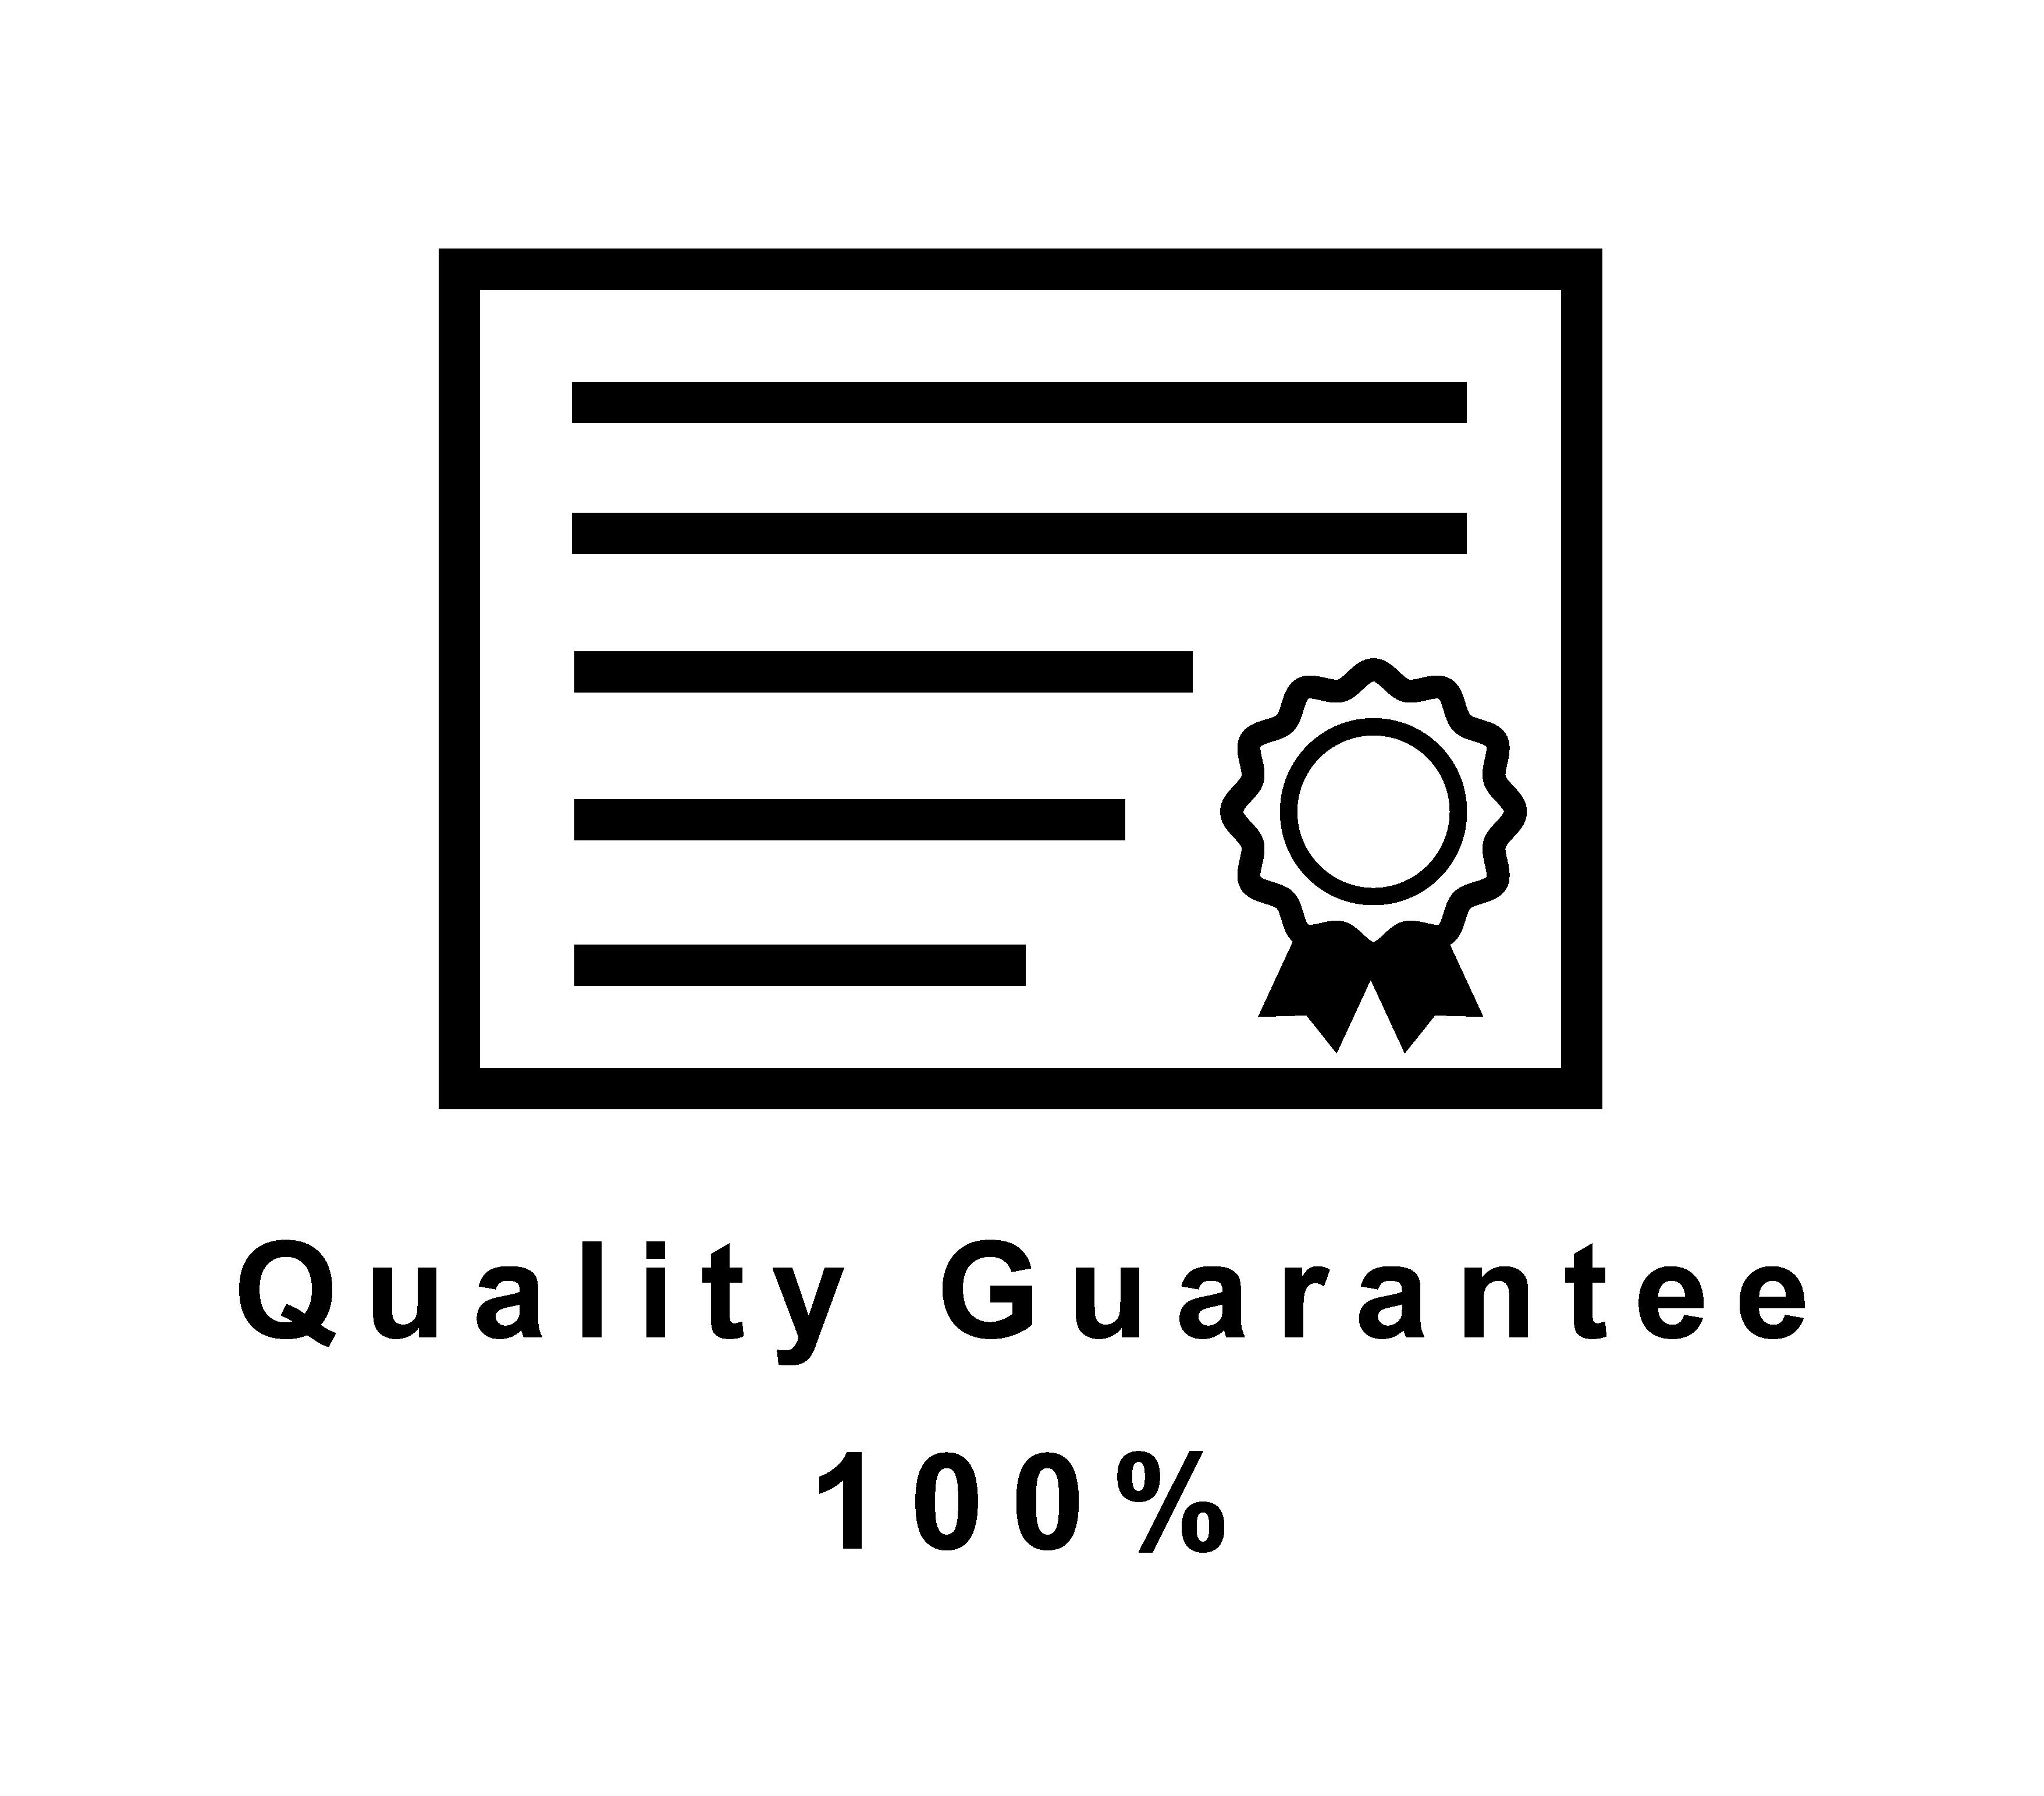 全米ヨガアライアンス200時間認定コース